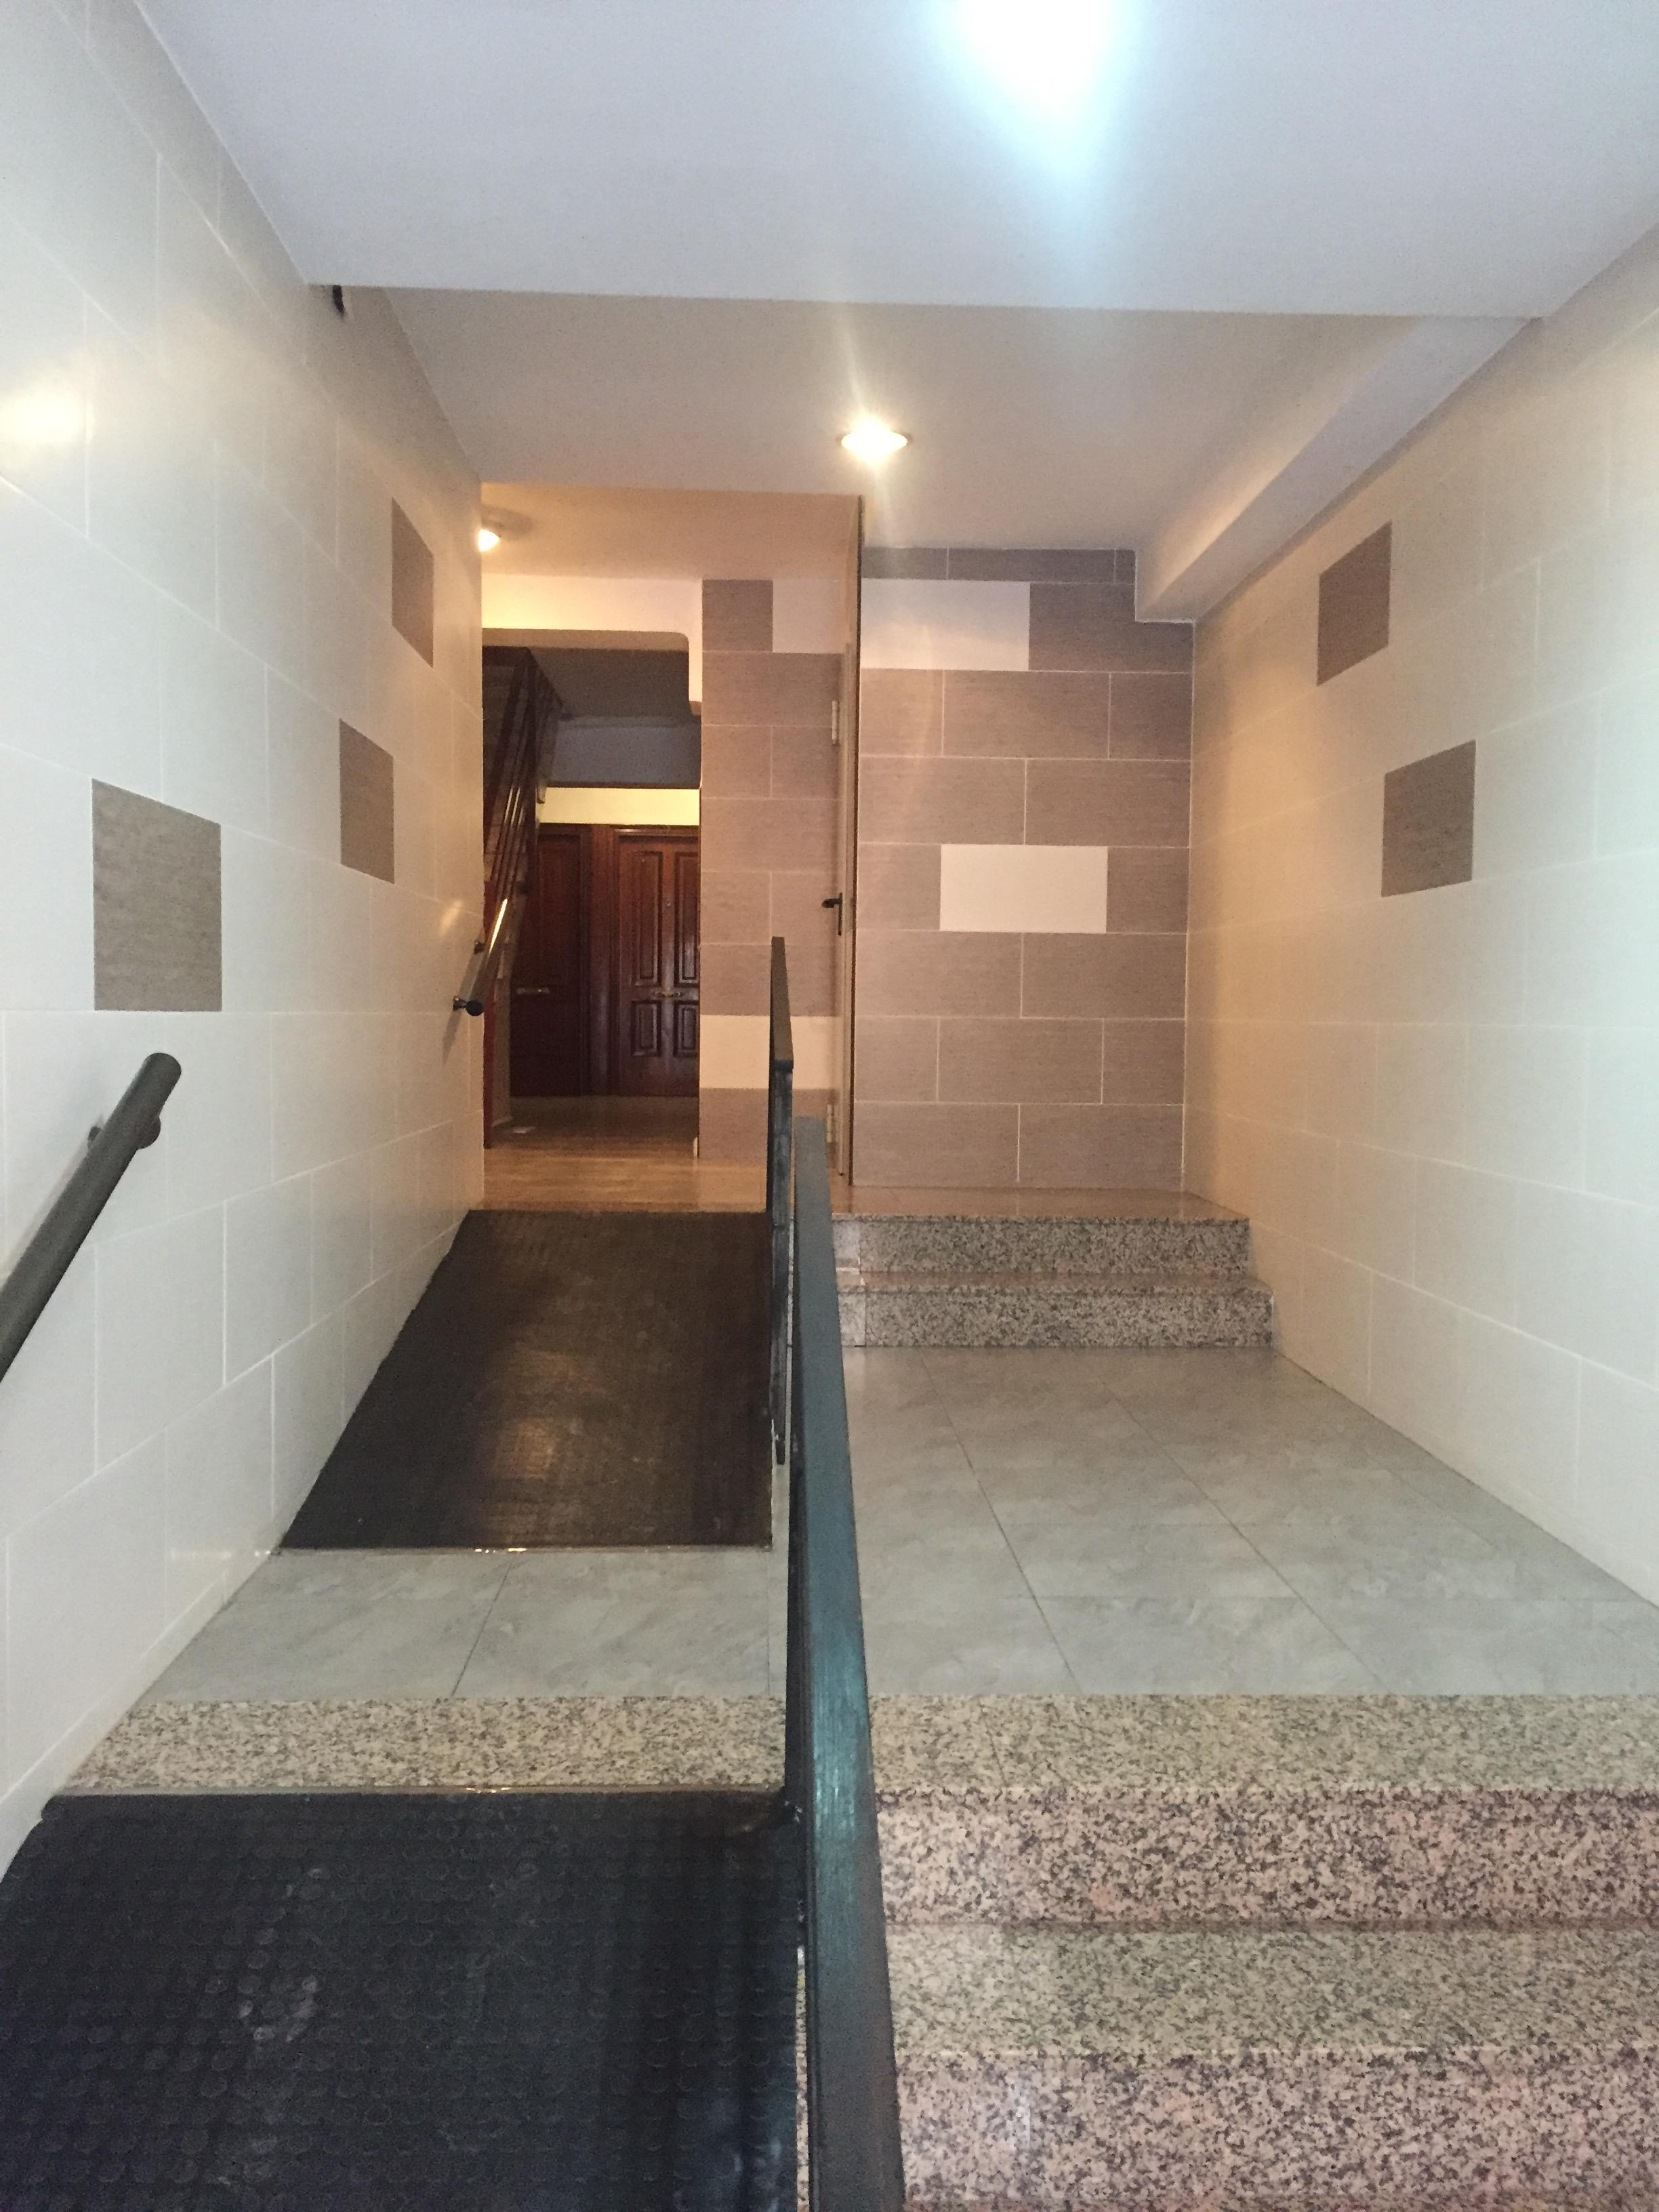 Piso en venta en Torrubia del Castillo, Sagunto/sagunt, Valencia, Calle Castillo de Garcimuñoz, 55.000 €, 3 habitaciones, 1 baño, 100 m2